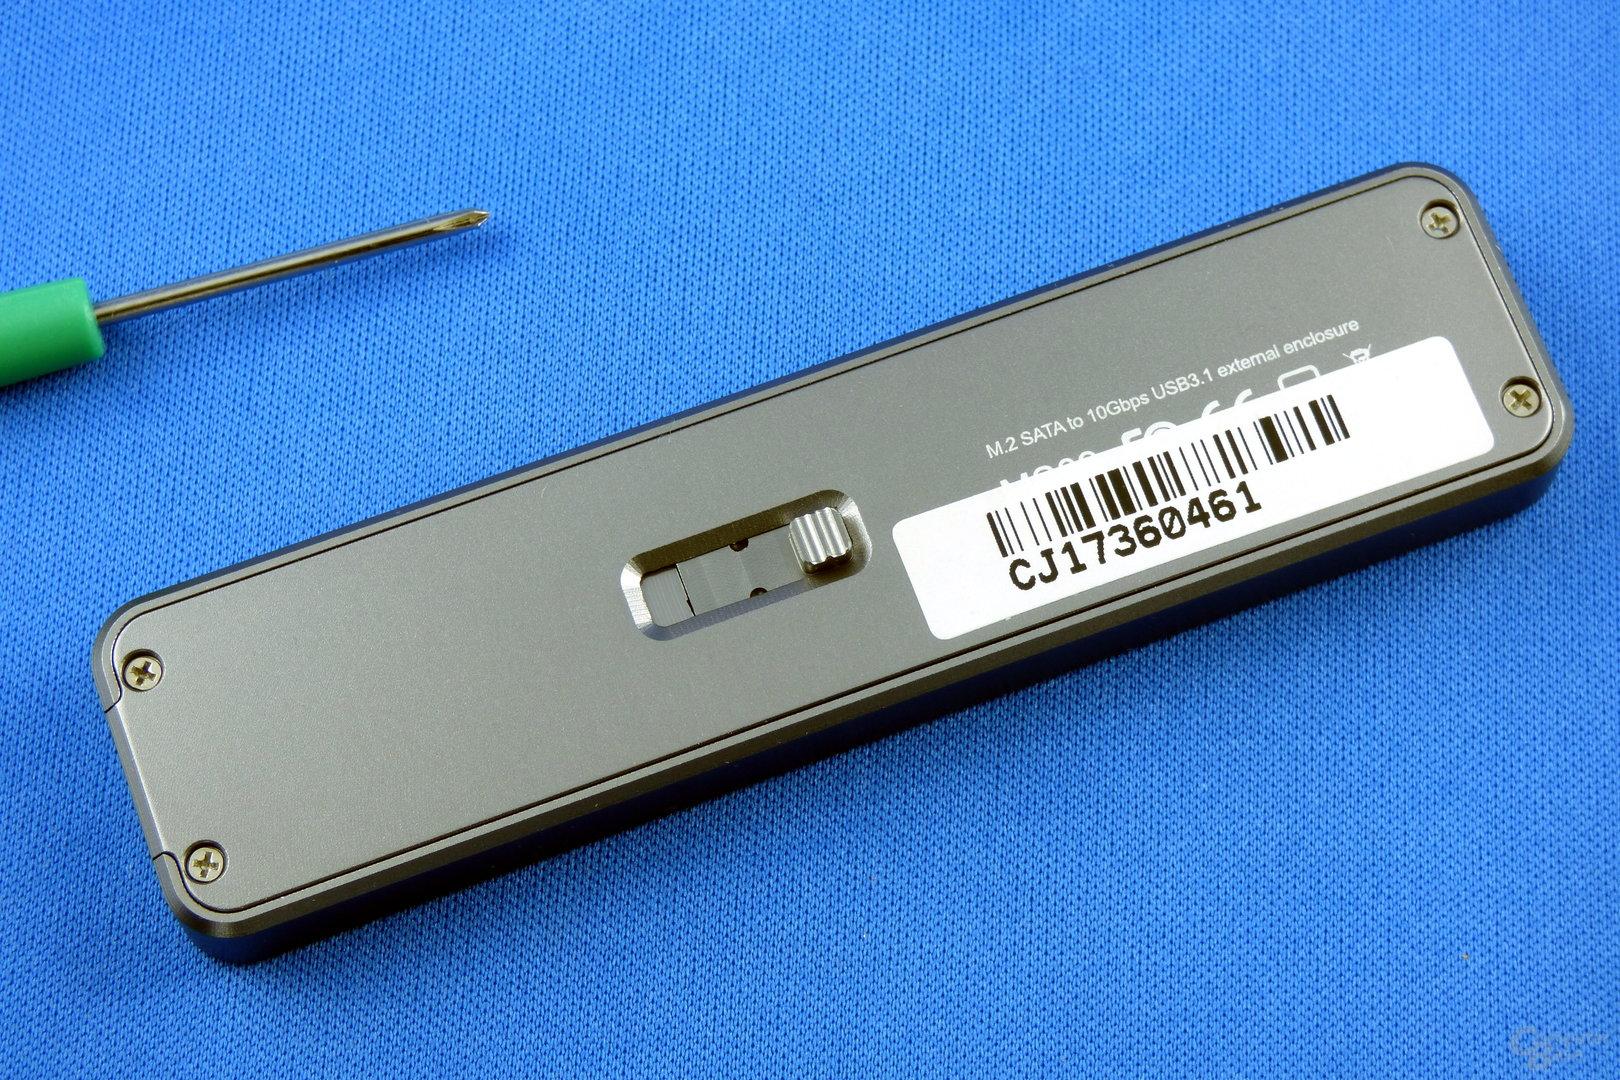 SilverStone MS09: Schieber auf der Unterseite